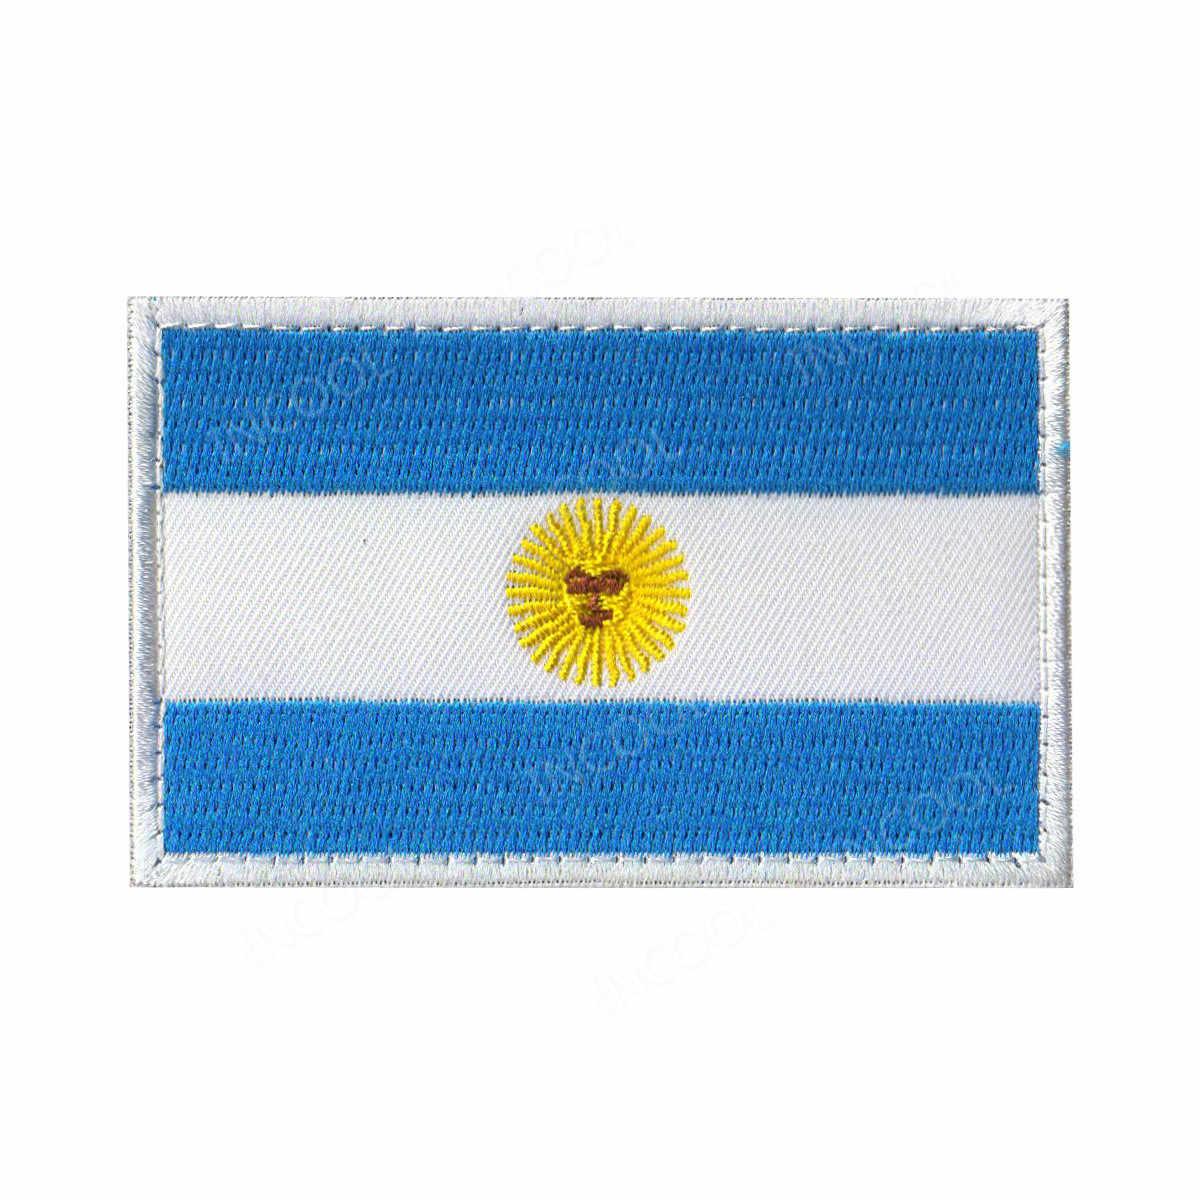 Amerika ülke bayrakları meksika porto riko arjantin amerika birleşik devletleri kanada brezilya El Salvador işlemeli yamalar rozetleri toptan